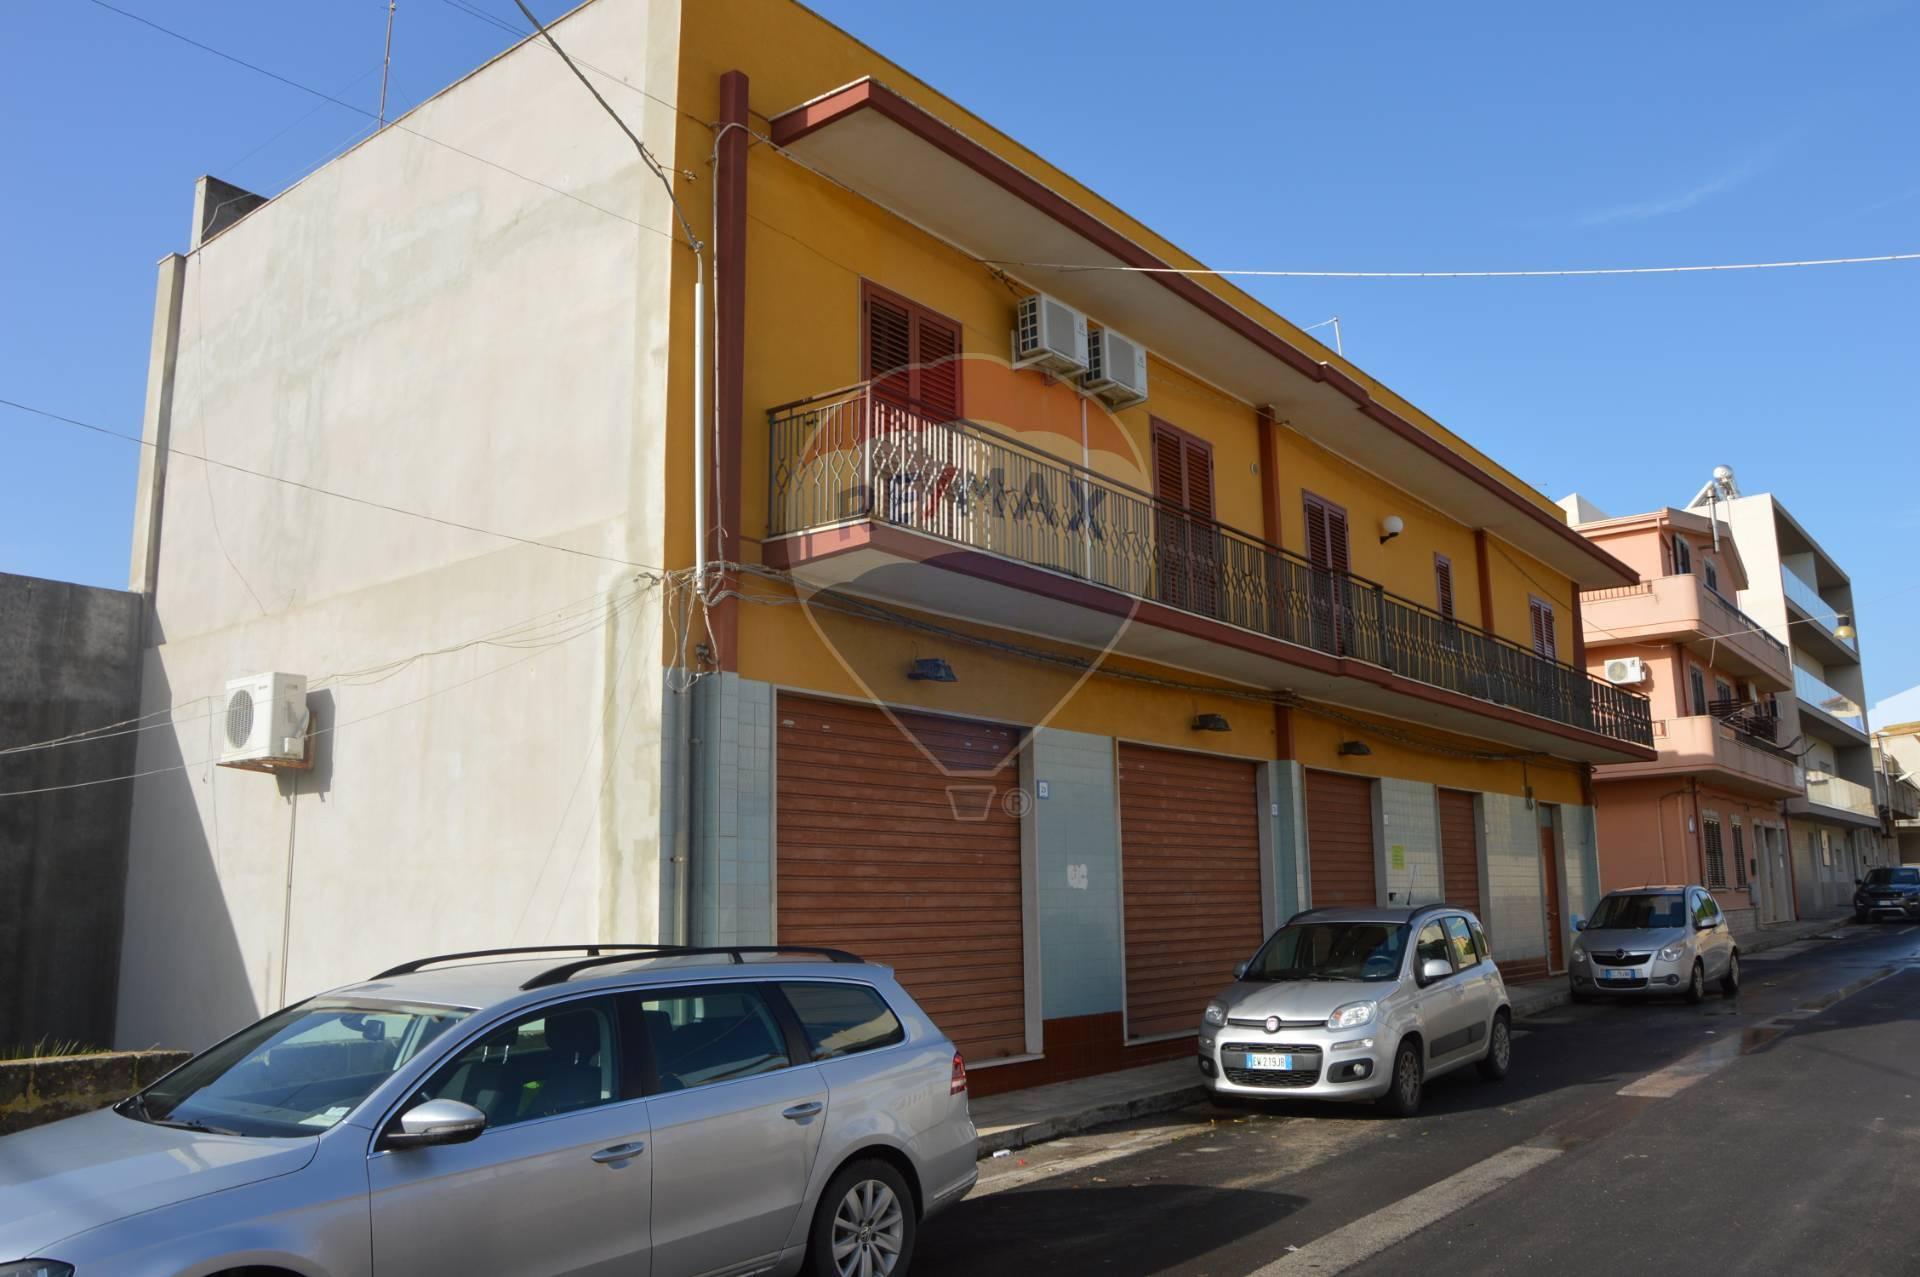 Soluzione Indipendente in vendita a Portopalo di Capo Passero, 12 locali, prezzo € 300.000   CambioCasa.it